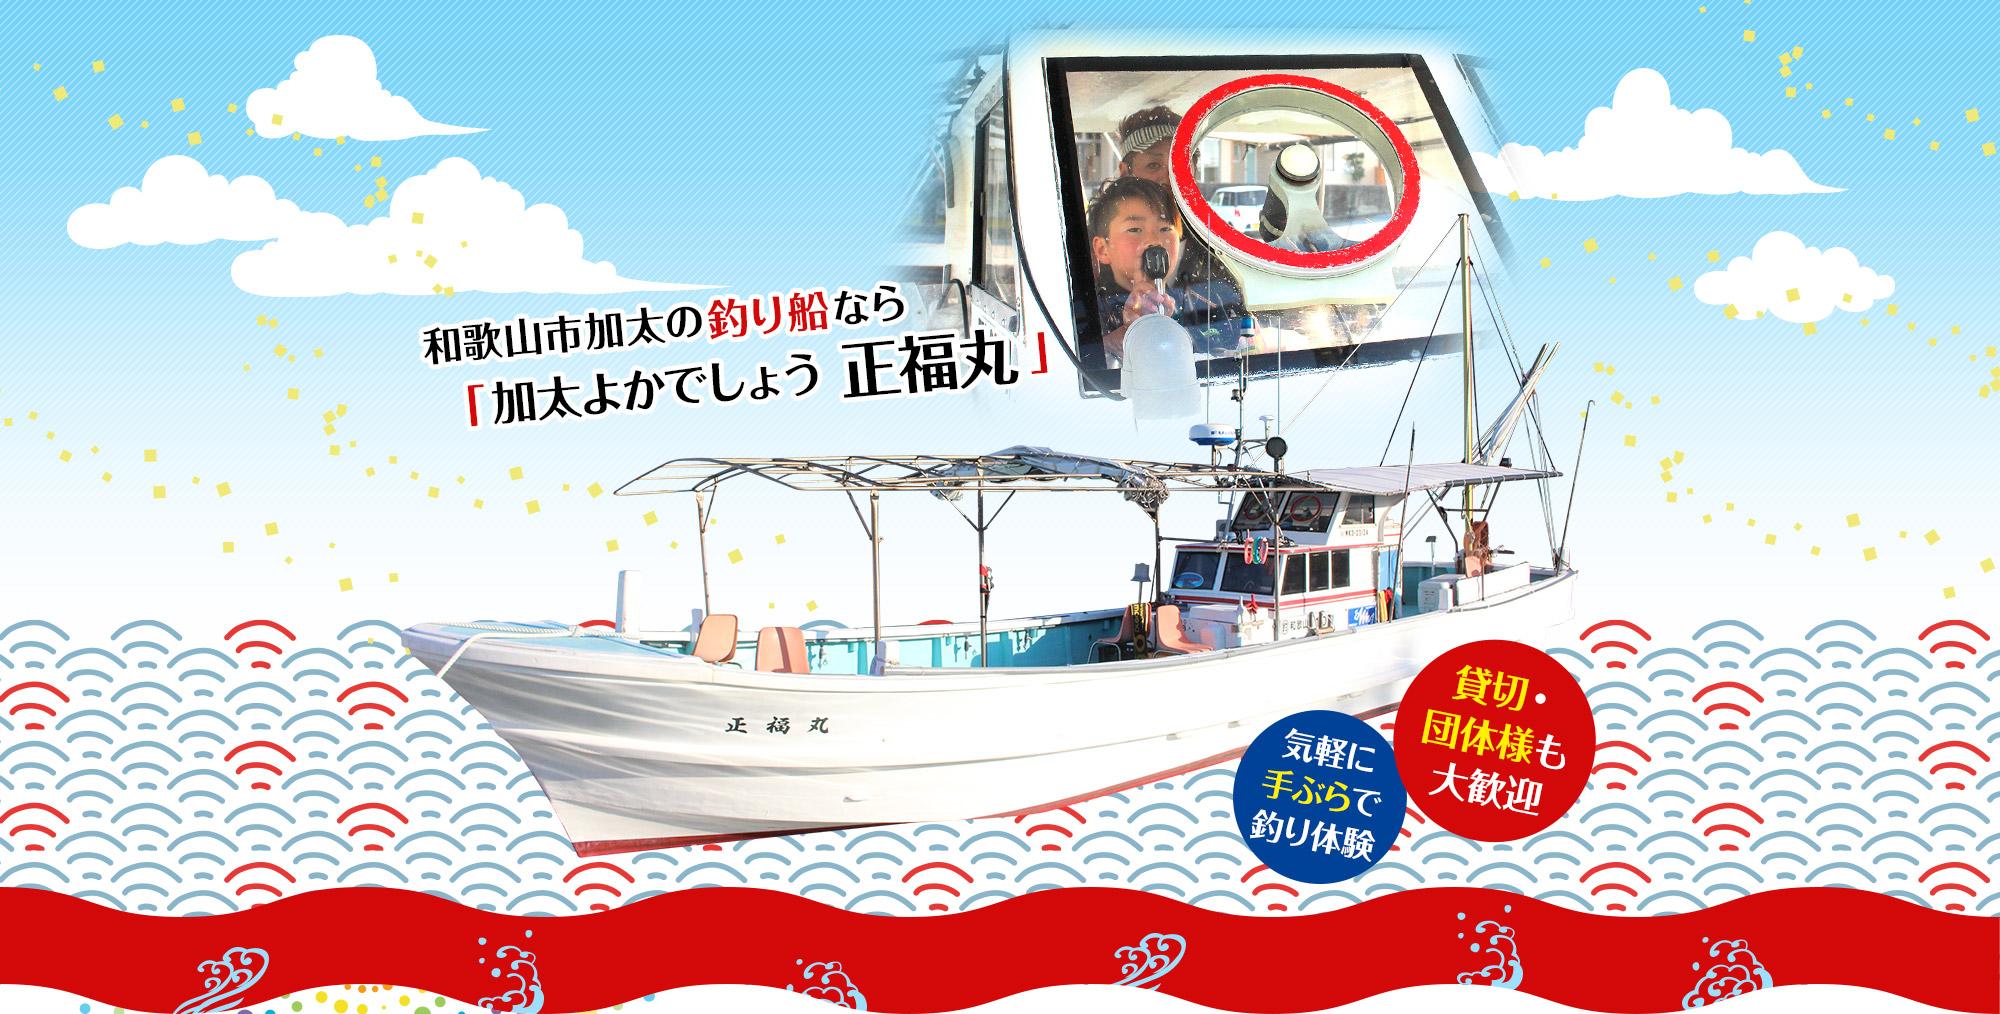 和歌山市加太の釣り船なら「加太よかでしょう 正福丸」貸切・ 団体様も 大歓迎・気軽に 手ぶらで 釣り体験